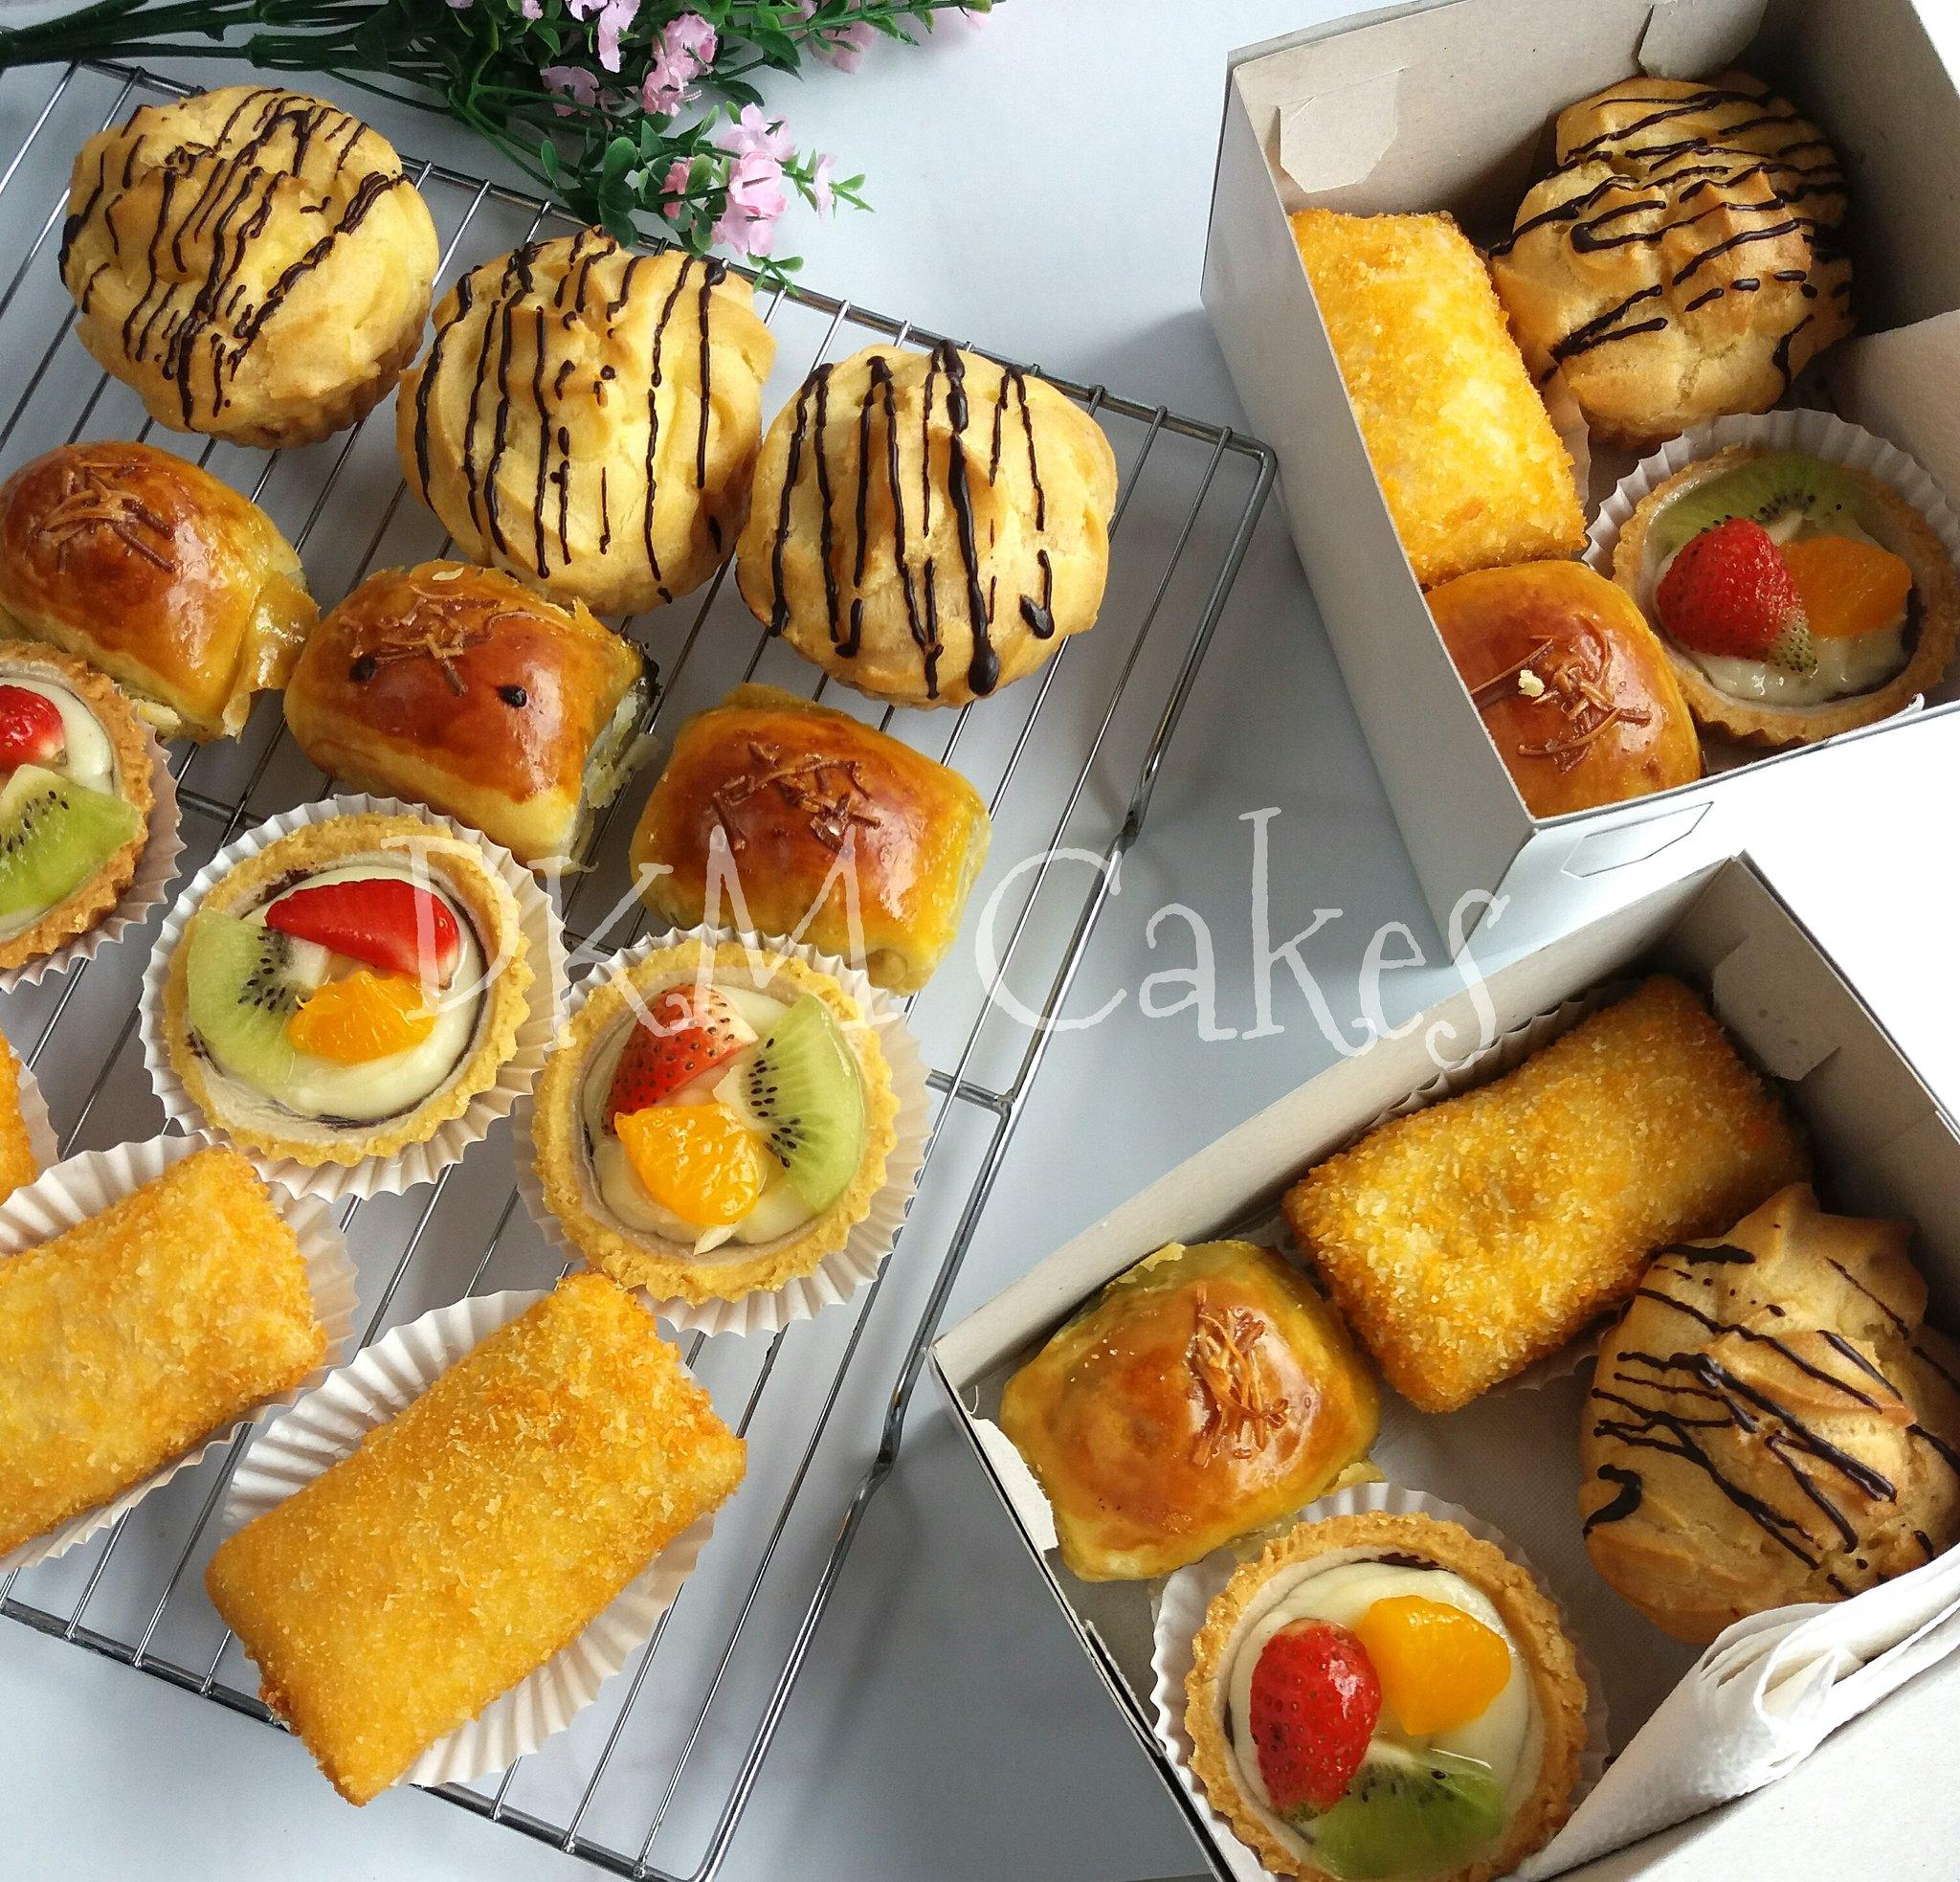 snackbox jember, kue kotak jember, kue rapat jember,